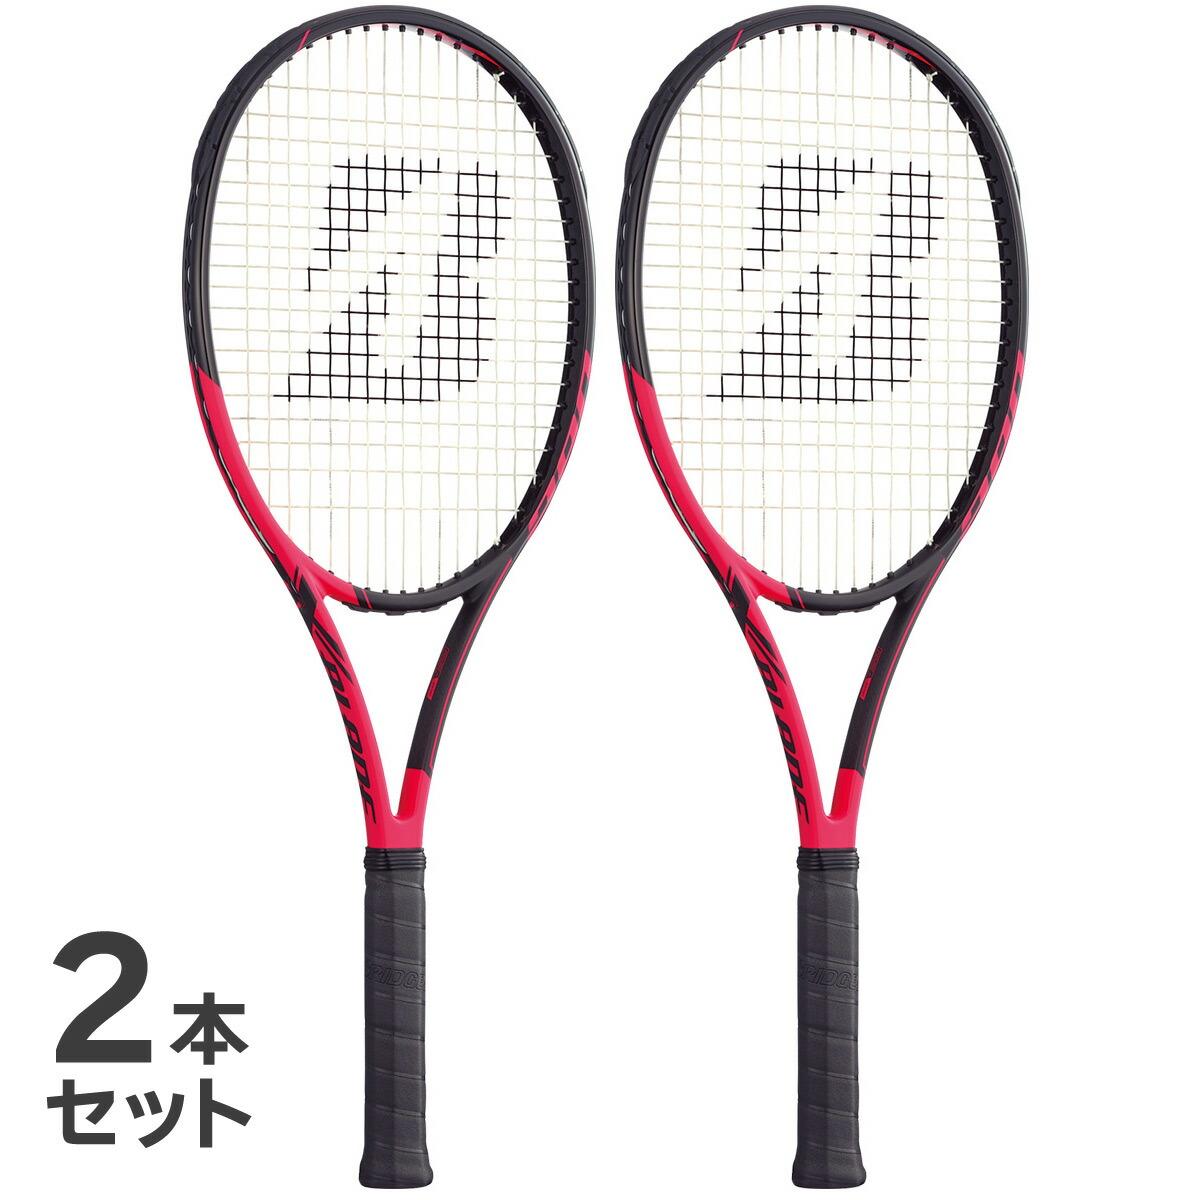 【2本セット】ブリヂストン BRIDGESTONE 硬式テニスラケット X-BLADE BX 290 エックスブレード ビーエックス 290 BRABX3 【Tシャツ&サコッシュプレゼント】